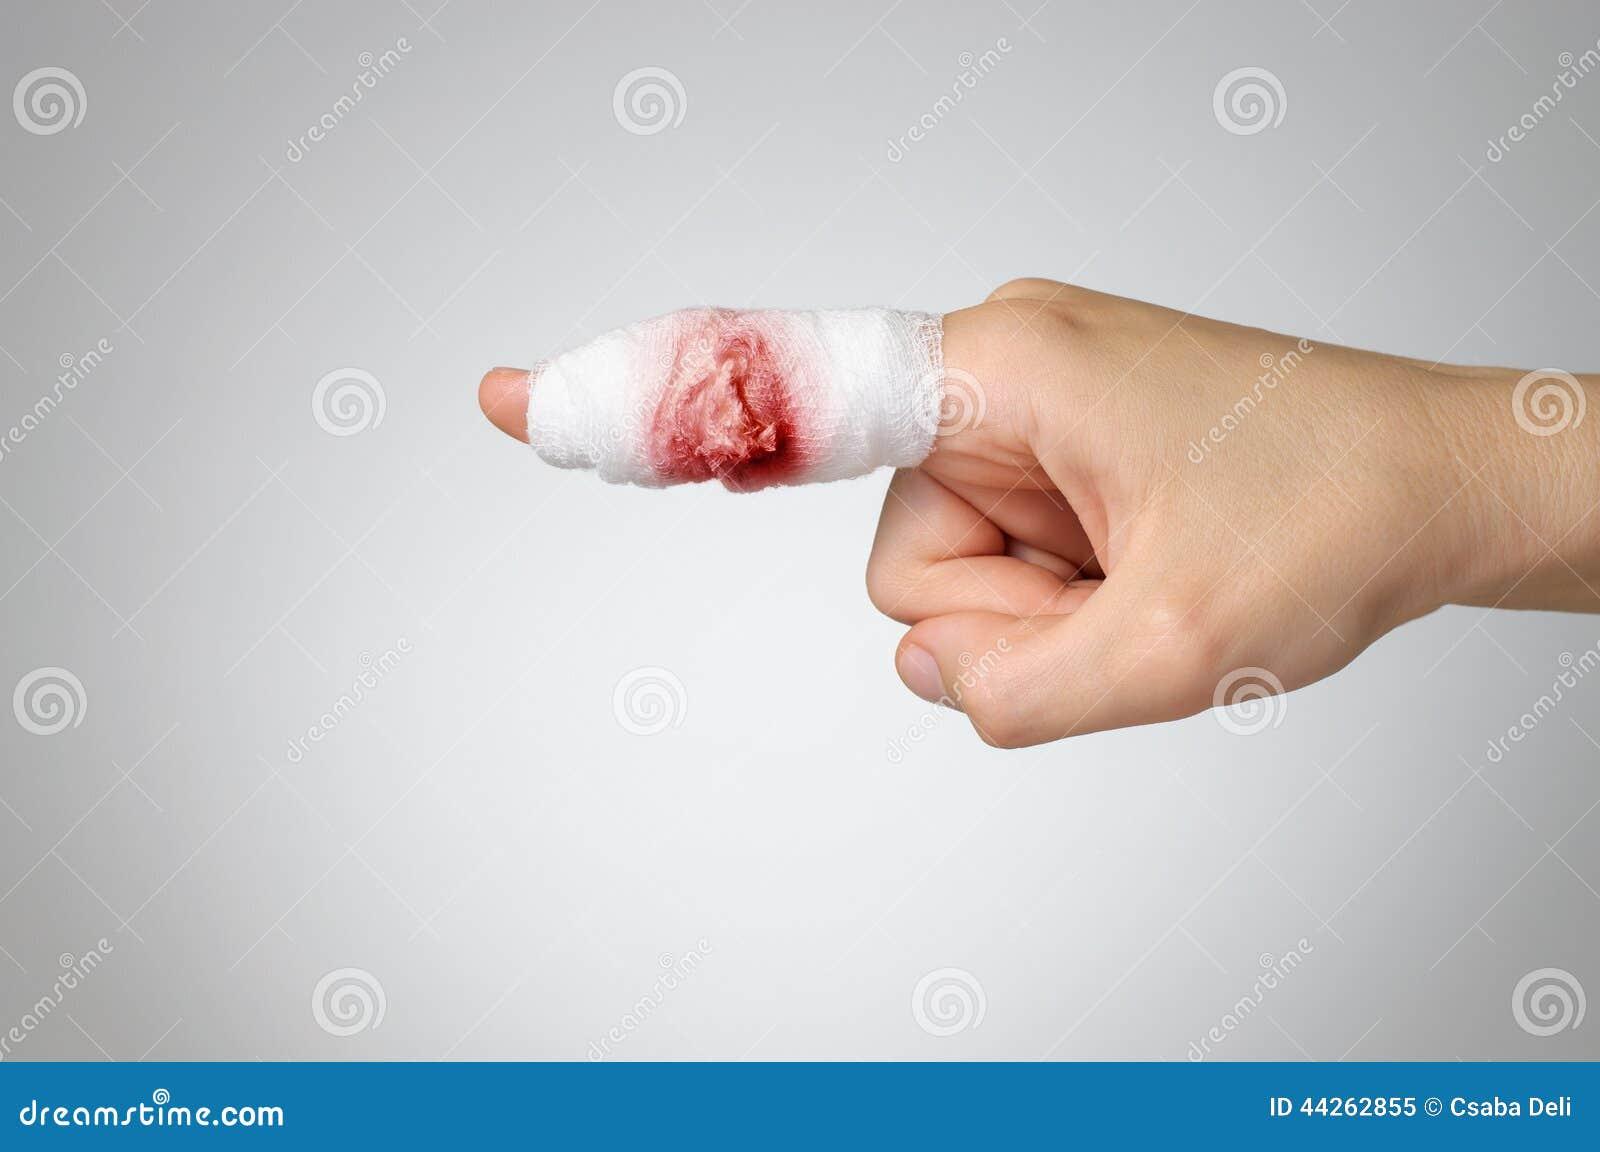 有血淋淋的纱绷带的受伤的手指.